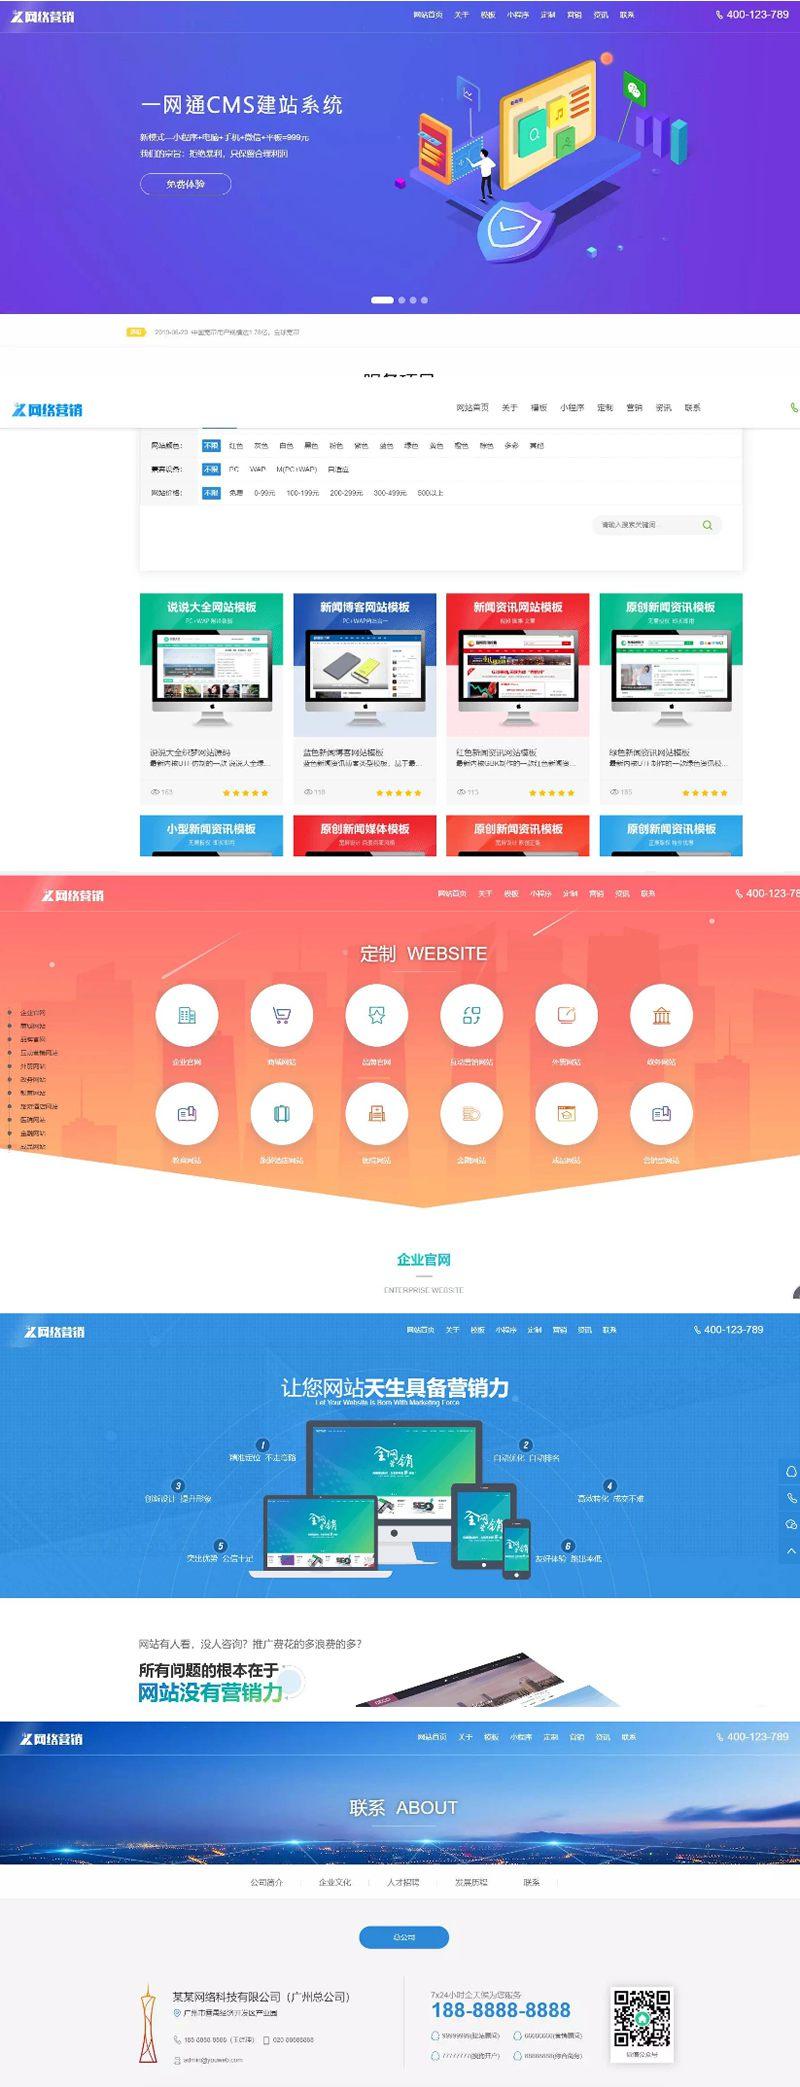 一网通cms建站模板打包完整版网络公司织梦模板